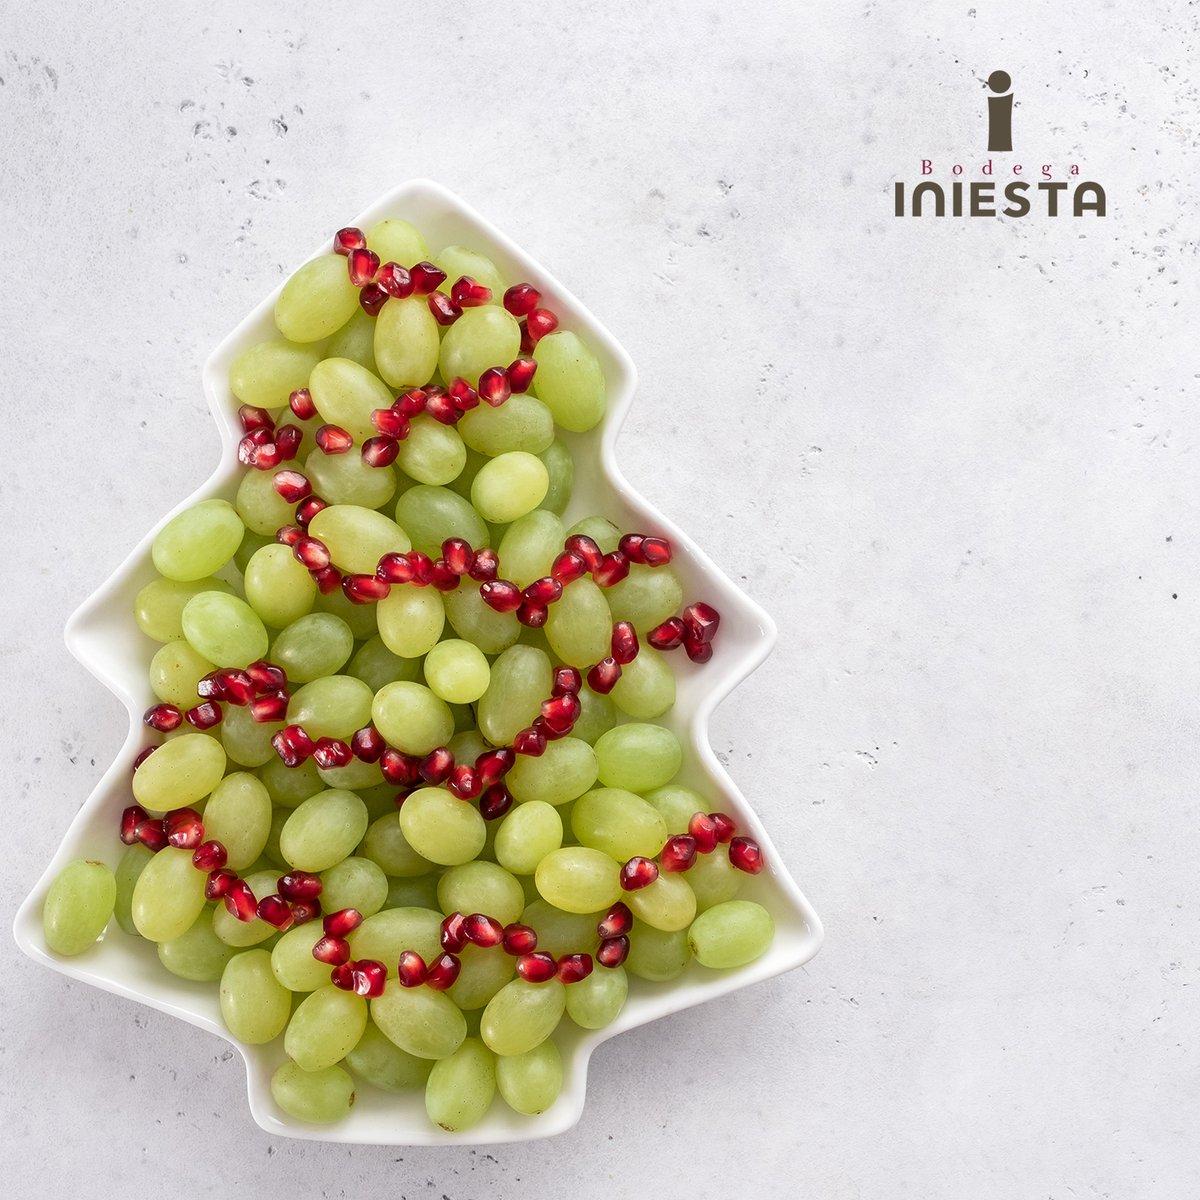 Se acaba 2020 y esta noche las tradicionales uvas darán punto y final a un año que parecía no tener fin.  🍇12 uvas para que la suerte nos acompañe en los 12 meses de este nuevo 2021 que comienza. Desde Bodega Iniesta brindamos, este año más que nunca, por vuestra salud! 🥂